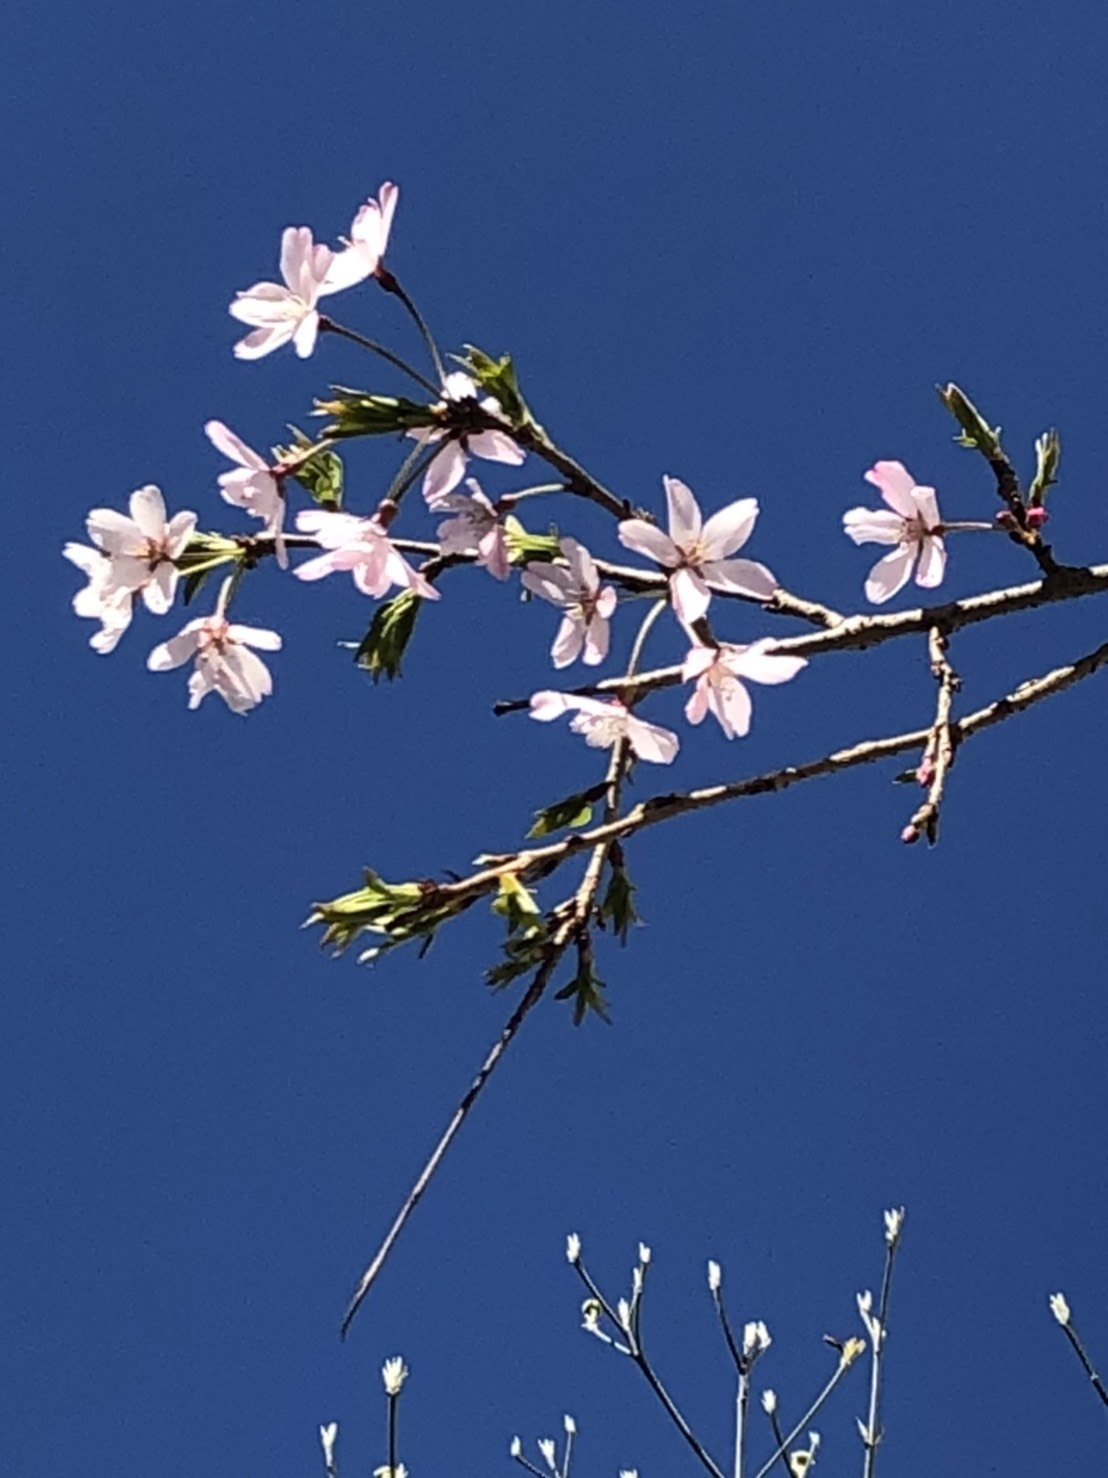 「春なのに…みんな、みんなの心にサクラ咲け。」今日は嬉しくて切ない山田パンダ_b0096957_17593667.jpg